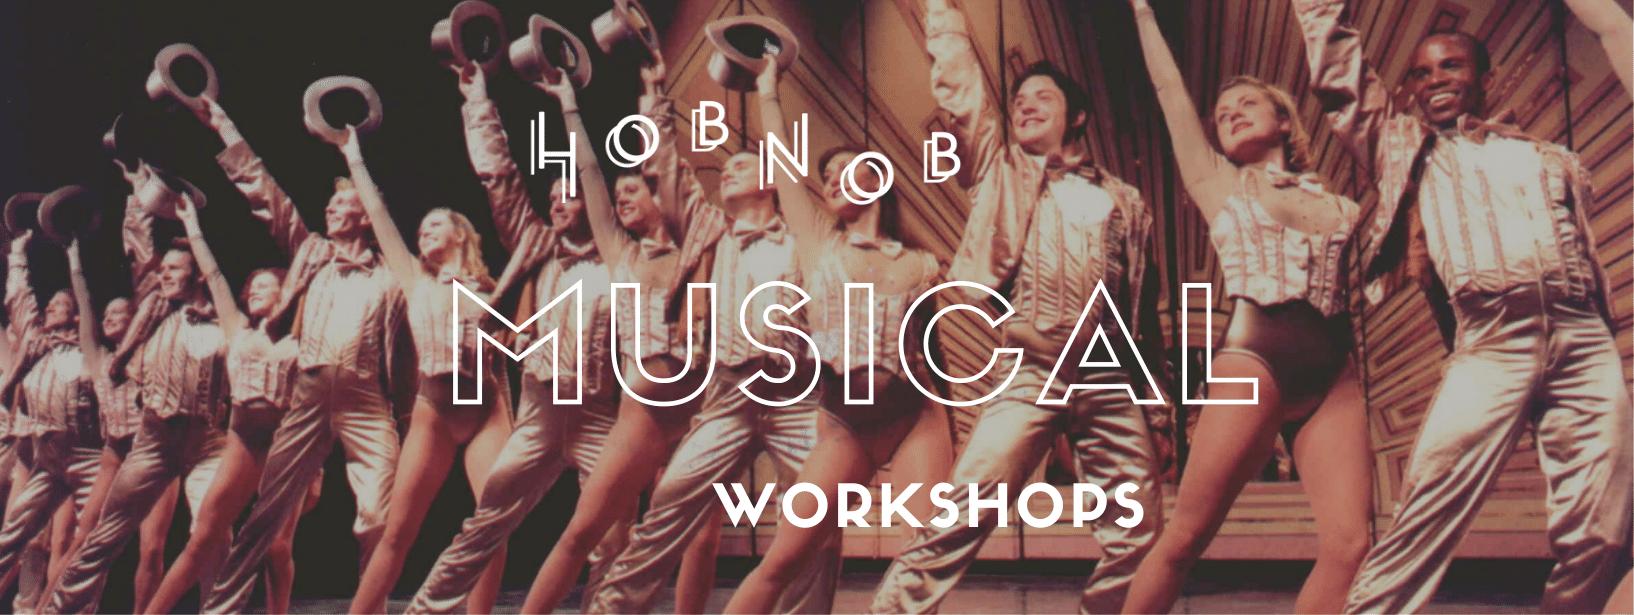 Musical workshop @ Hobnob